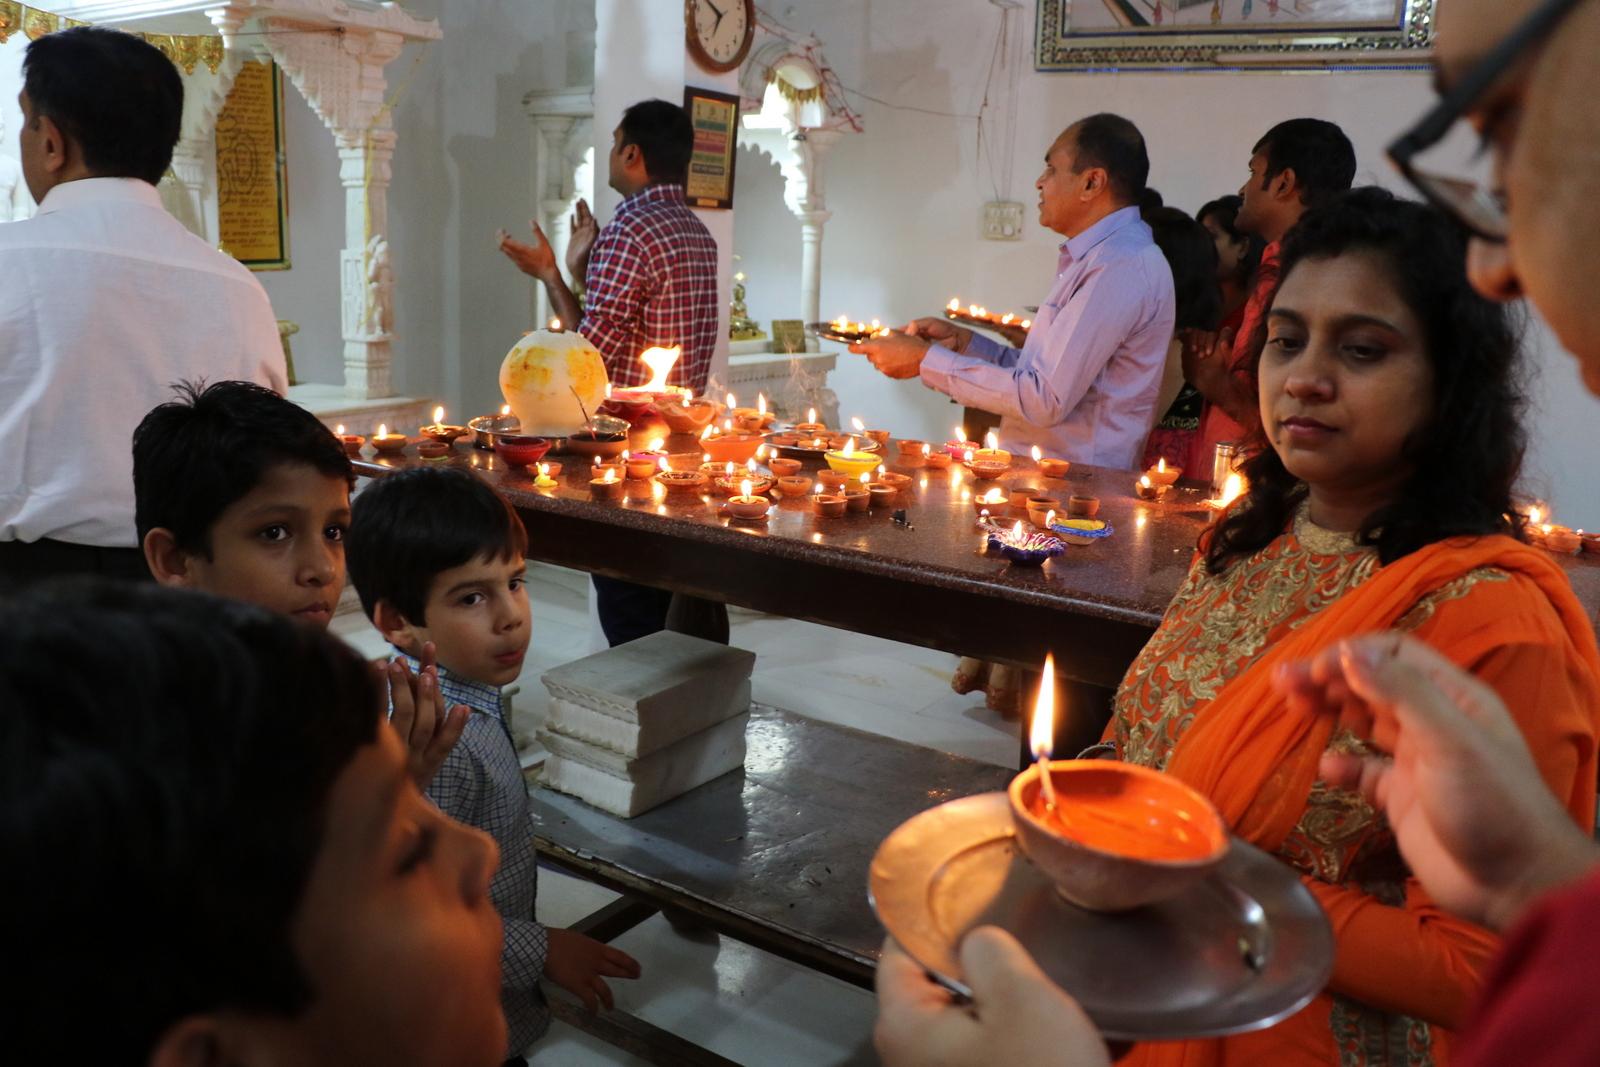 Diwali-tunnelmaa jainalaistemppelissä.